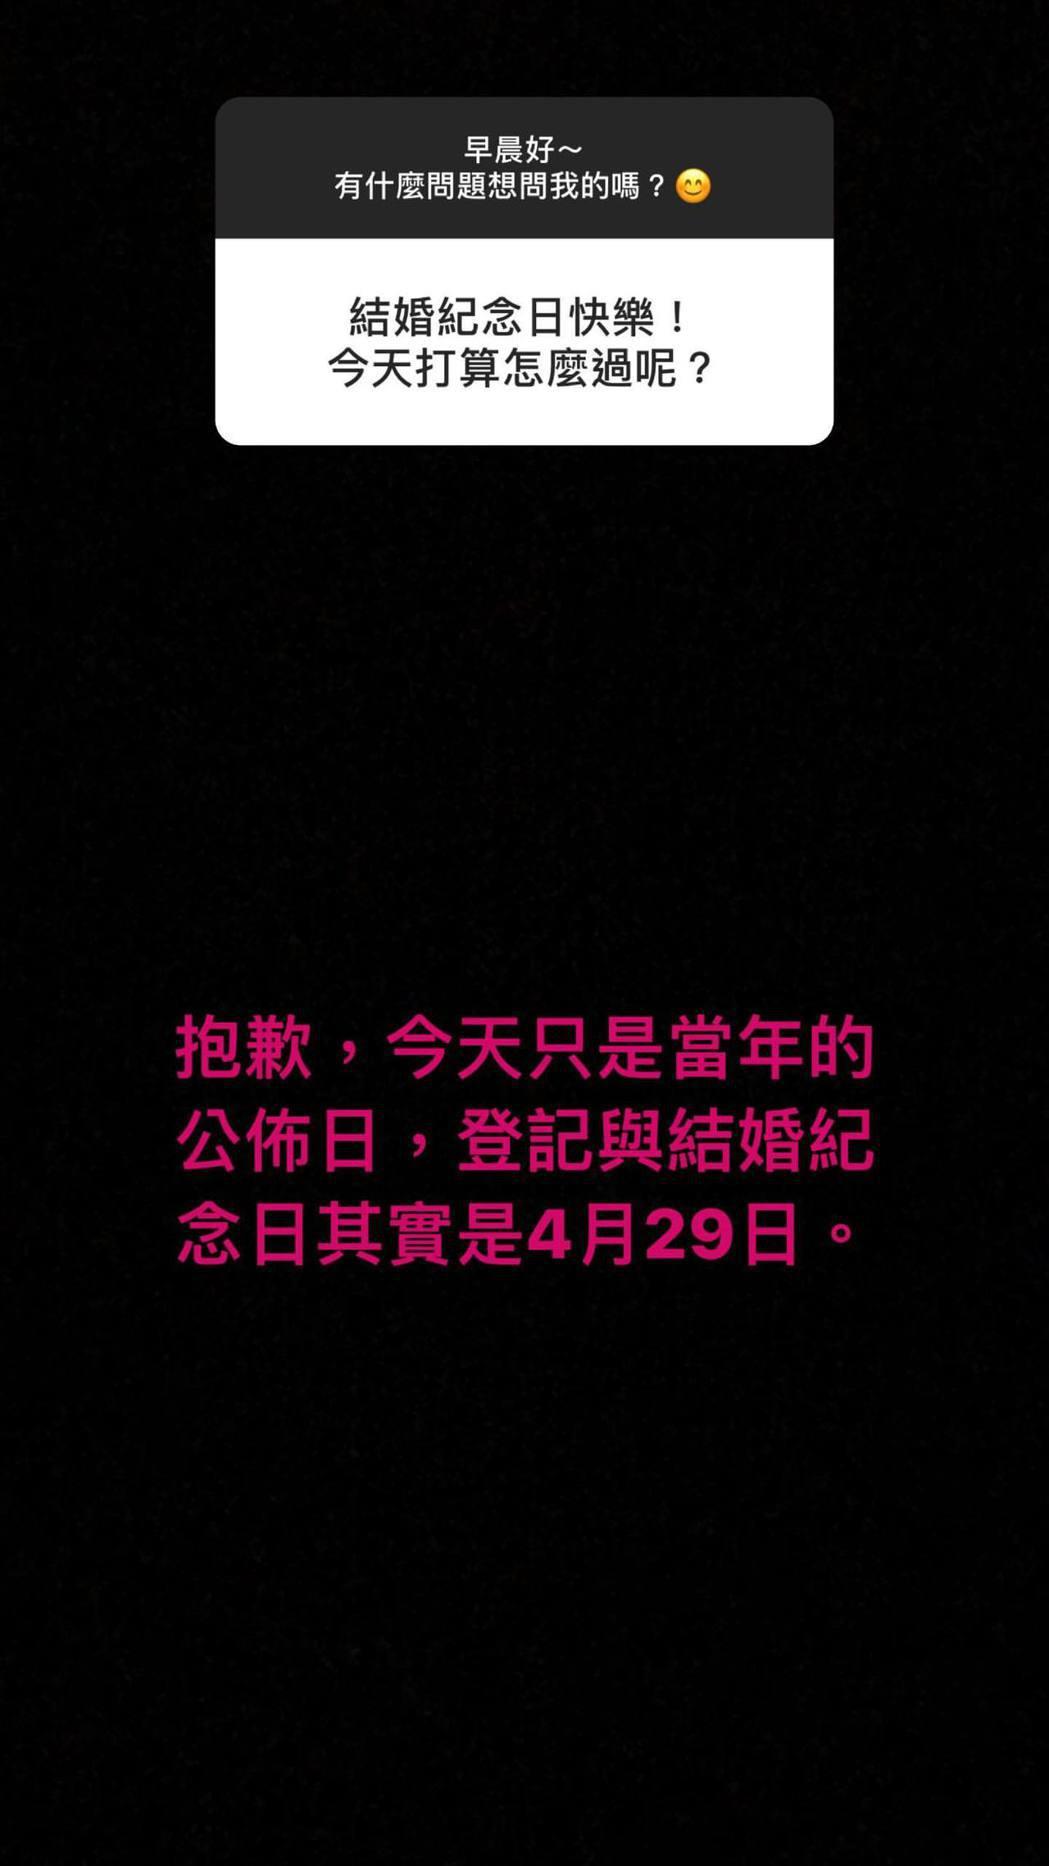 Keanna透露與謝和弦的結婚紀念日並非520。 圖/擷自Keanna IG